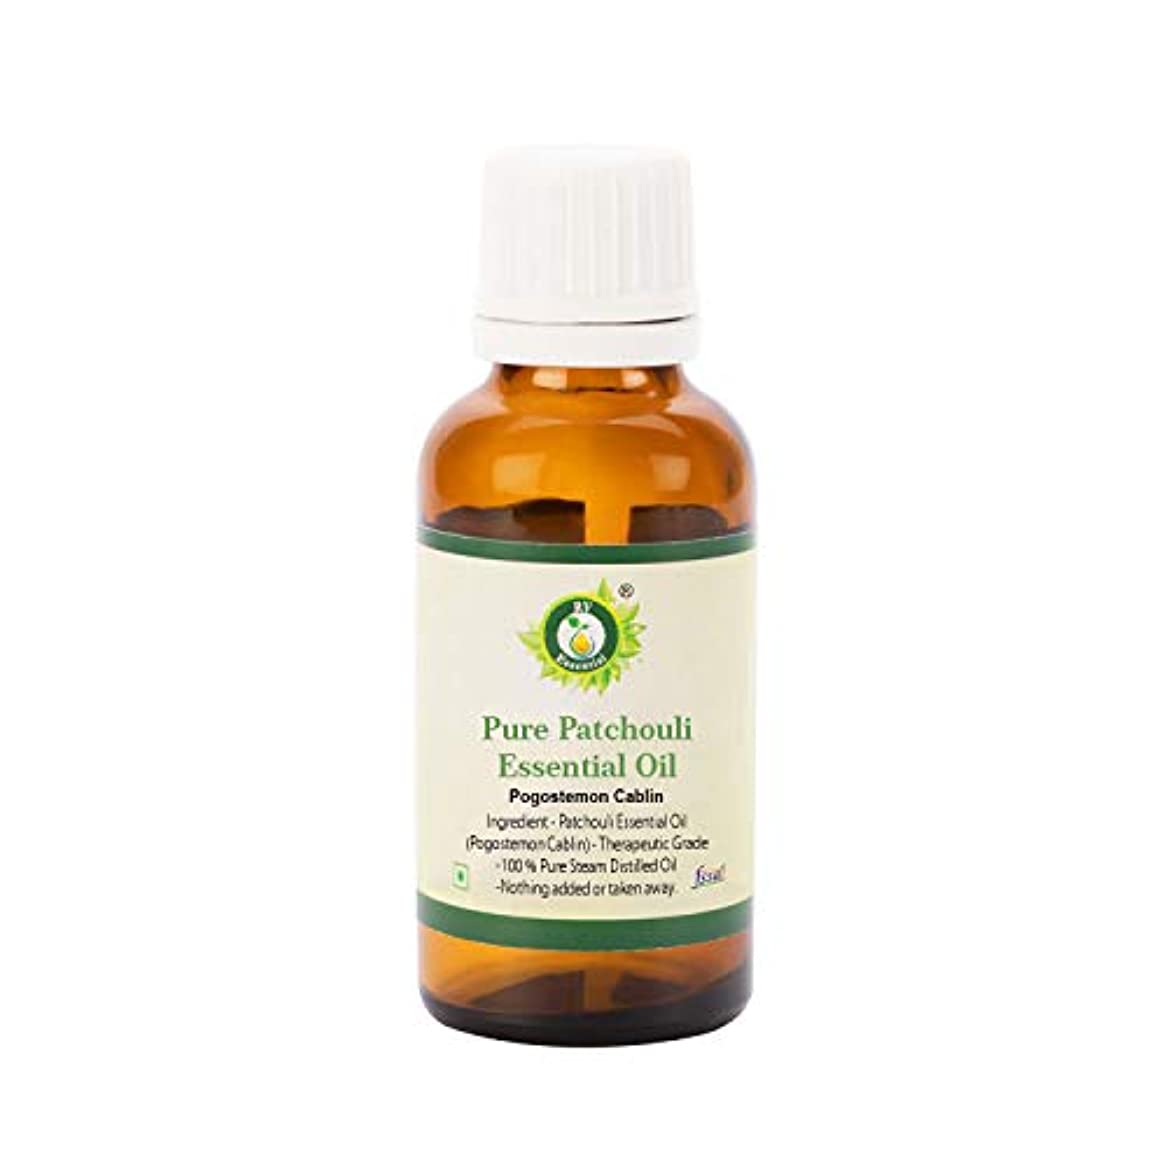 ランデブーはっきりと吹雪R V Essential ピュアパチュリーエッセンシャルオイル5ml (0.169oz)- Pogostemon Cablin (100%純粋&天然スチームDistilled) Pure Patchouli Essential...